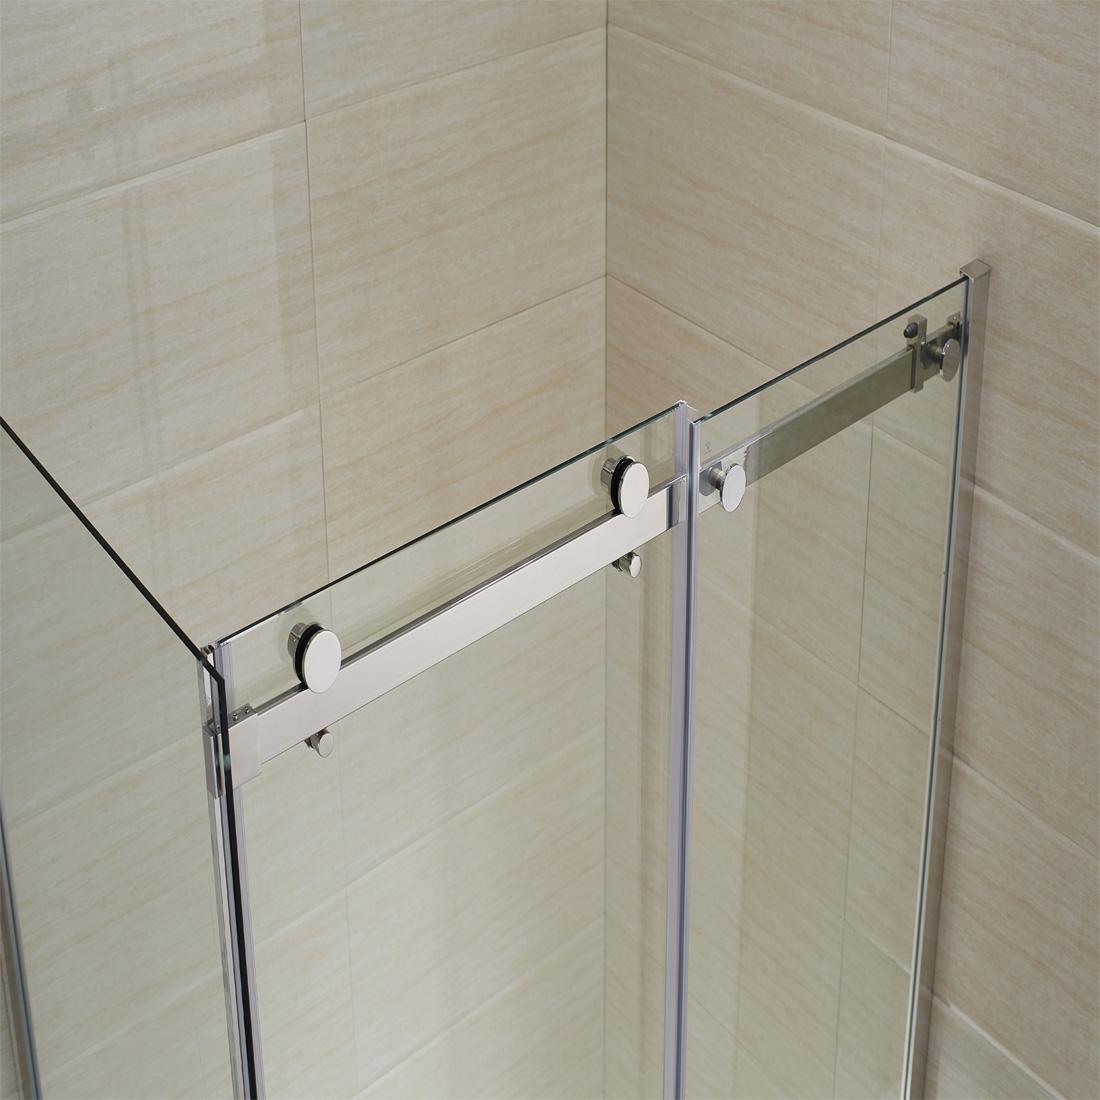 120x 80x195cm schiebet r mit seitenwand duschkabine 8mm nano glas duscht r ebay. Black Bedroom Furniture Sets. Home Design Ideas